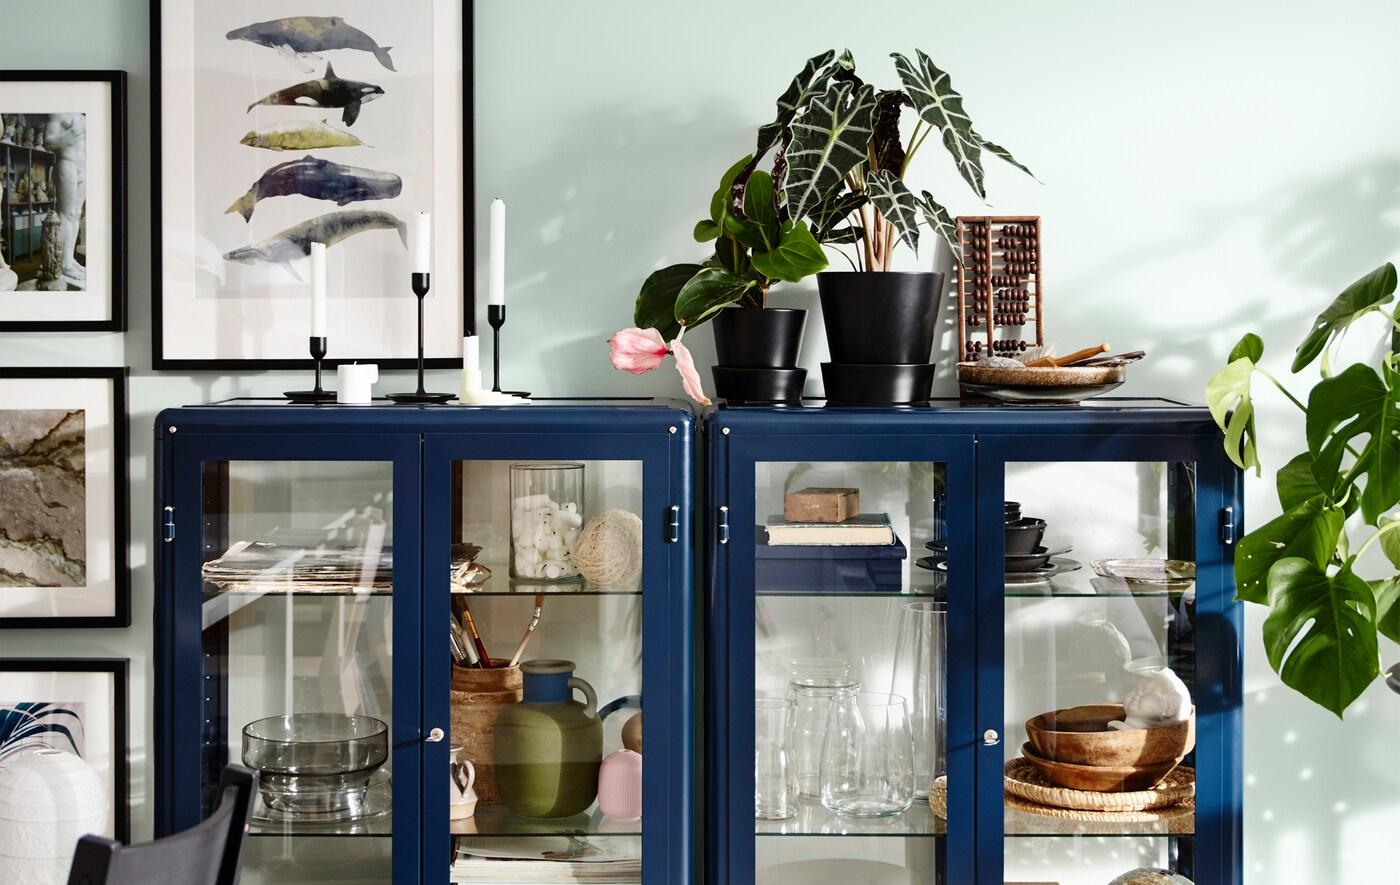 Сочетание открытого и закрытого хранения в гостиной поможет добиться гармонии. В шкафах-витринах лучше разместить вещи, которые вы хотите продемонстрировать или защитить от пыли. В магазинах ИКЕА вы найдете большой выбор шкафов, например шкаф-витрину ФАБРИКОР синего цвета.